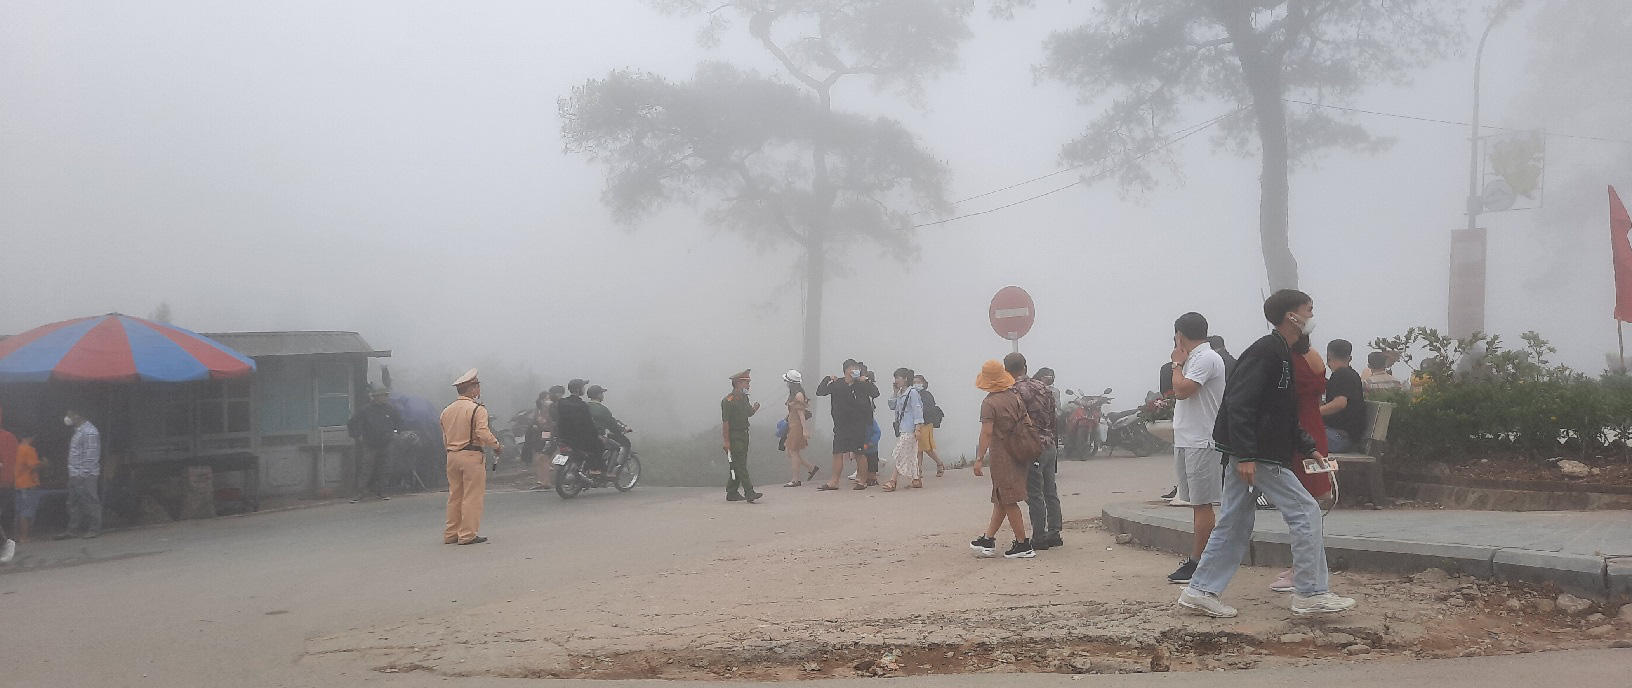 Thị trấn Tam Đảo (Vĩnh Phúc): Du khách còn chủ quan trong phòng chống dịch Covid 19 - Ảnh 6.